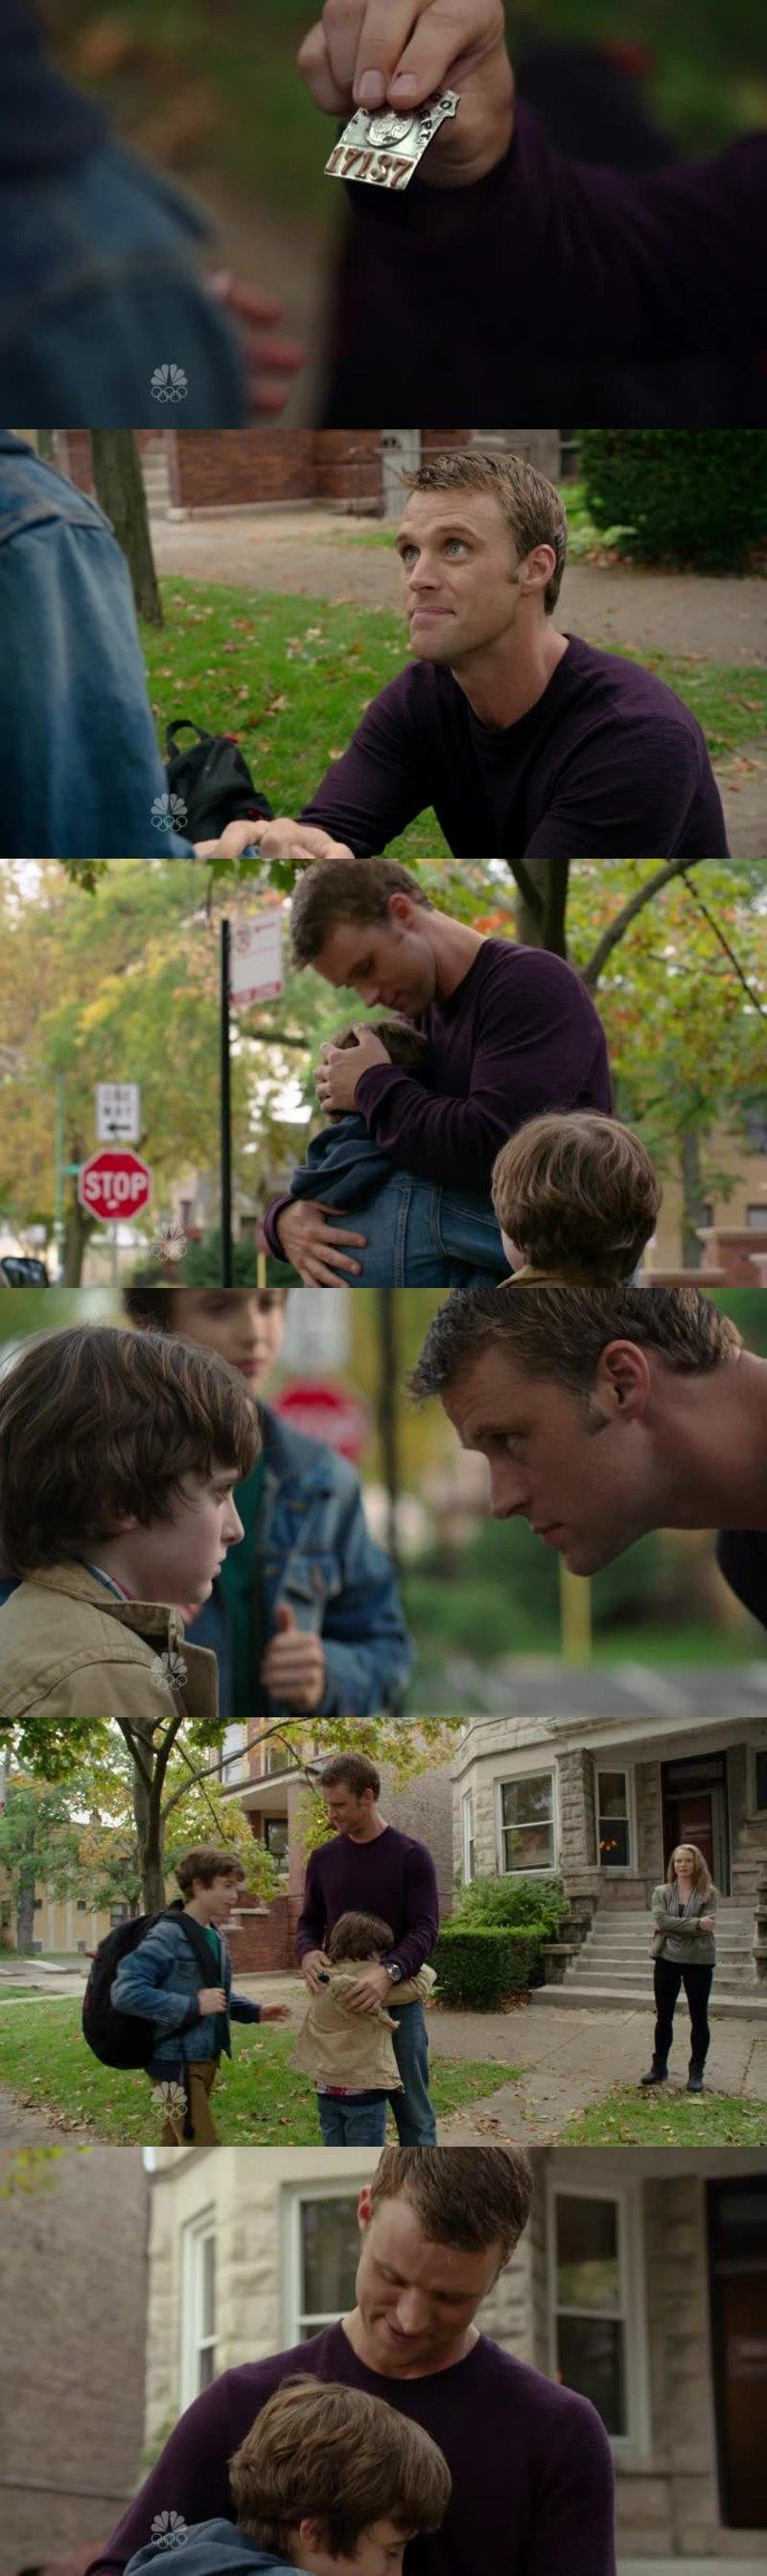 Scène trop trop touchante, je me met à la place de Matthew, j'en avais les larmes aux yeux !!